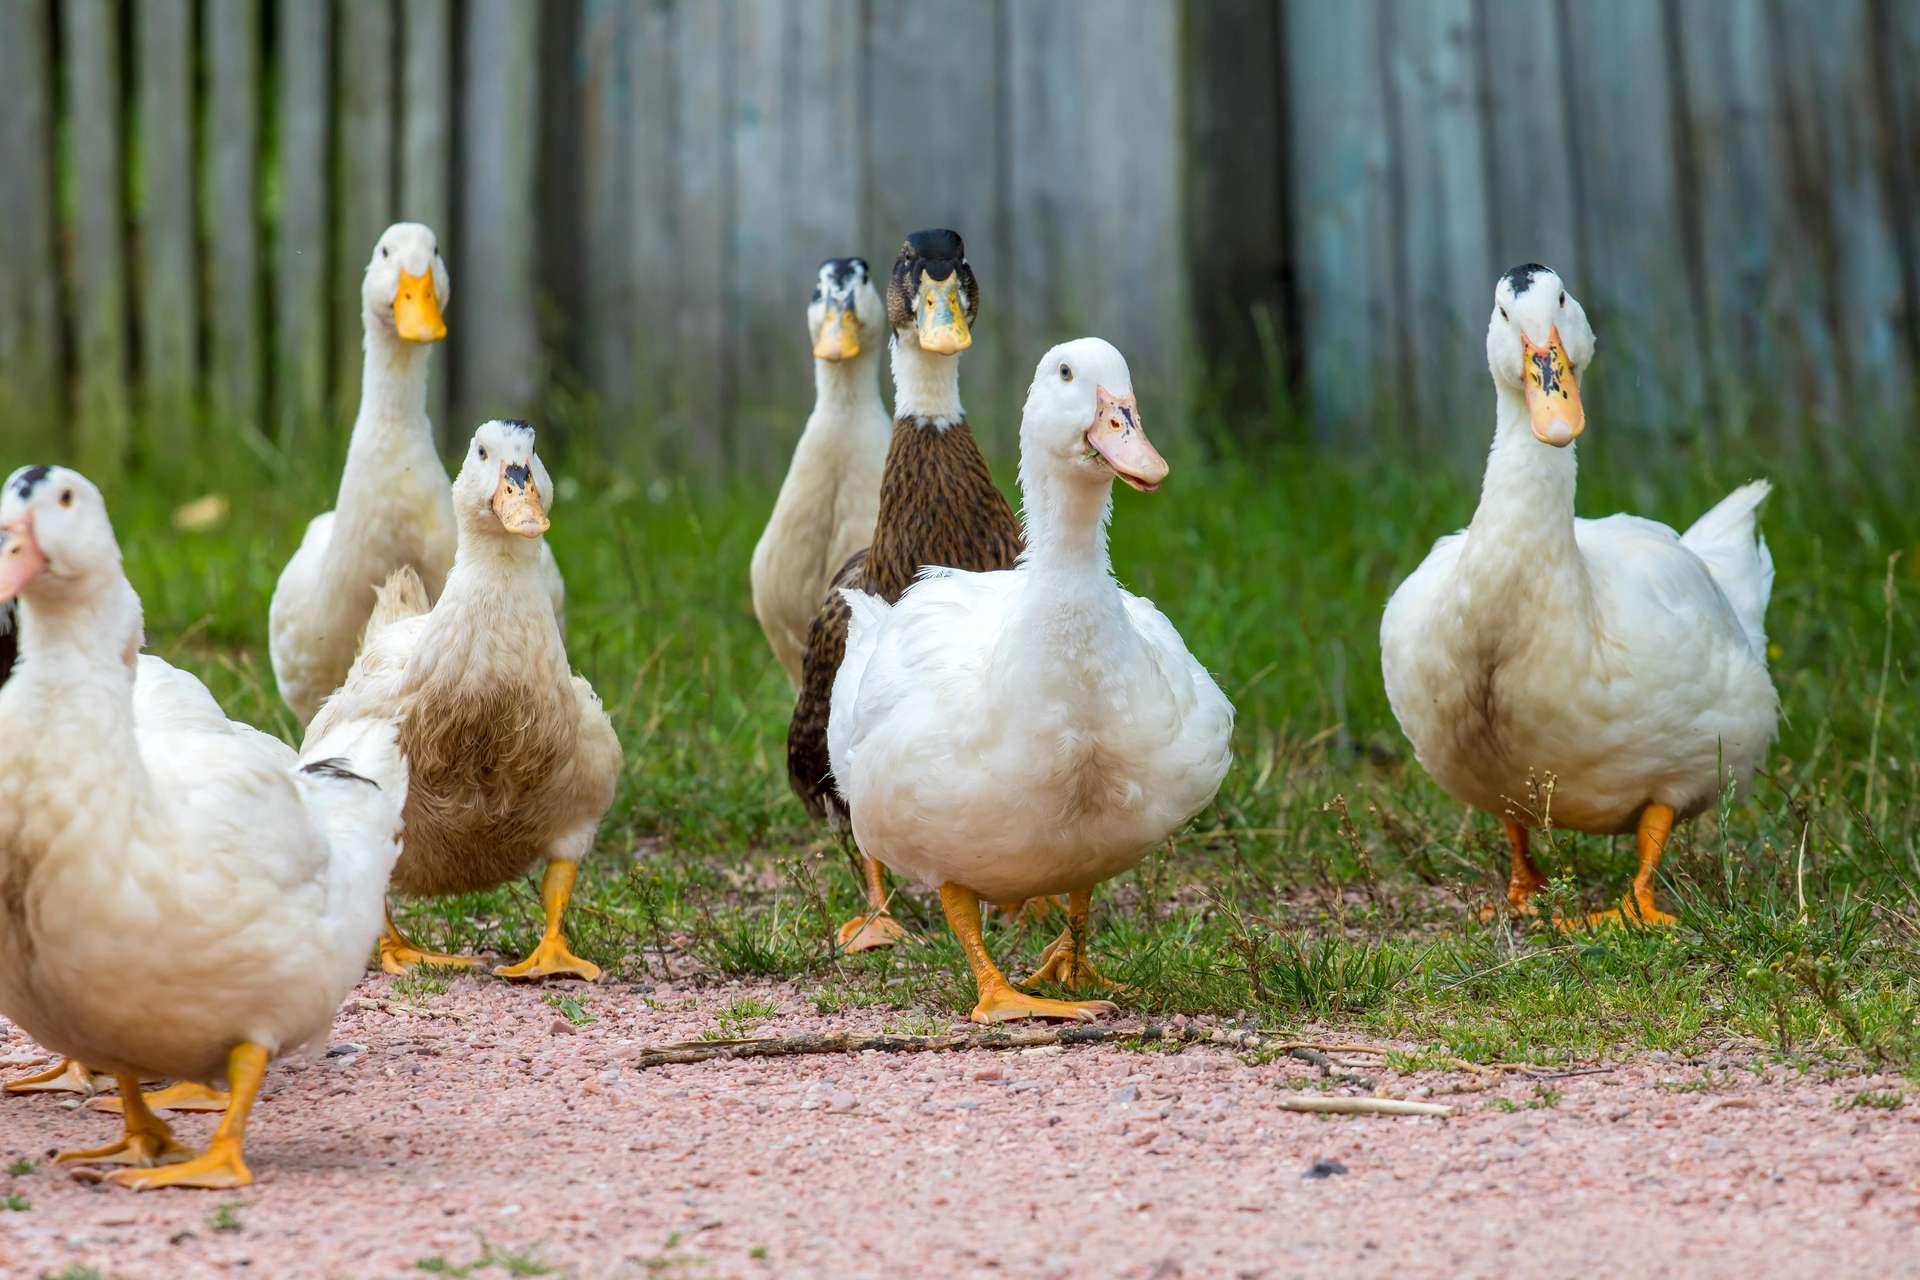 Les canards, à l'instar d'autres espèces d'oiseaux consommant des œufs de poissons, peuvent aider ces derniers à migrer dans des lieux isolés. © Liubov, Adobe Stock